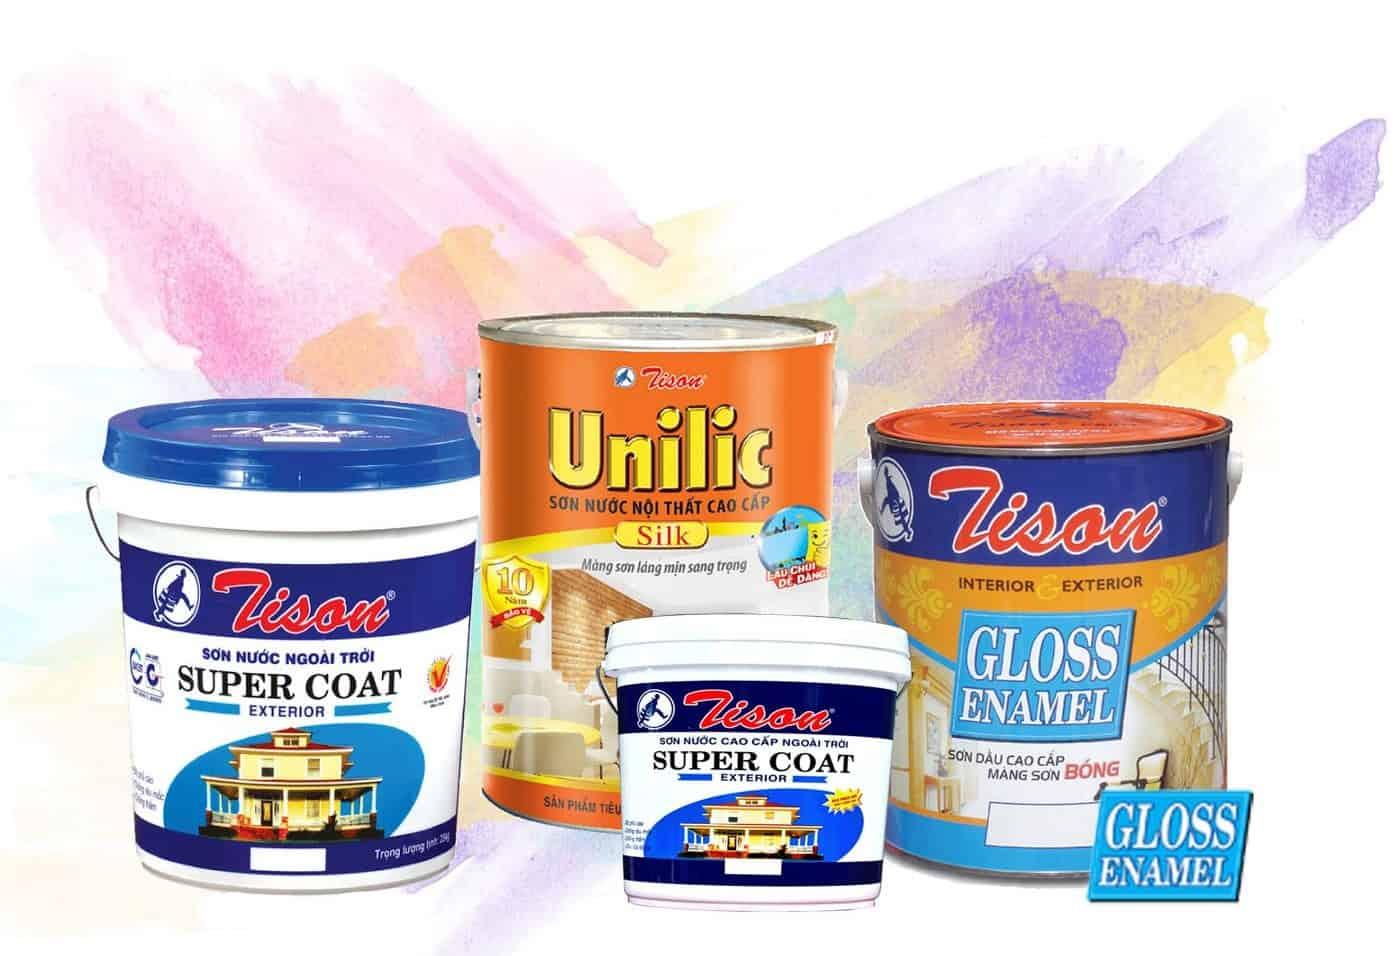 Hệ thống sản phẩm sơn Tison